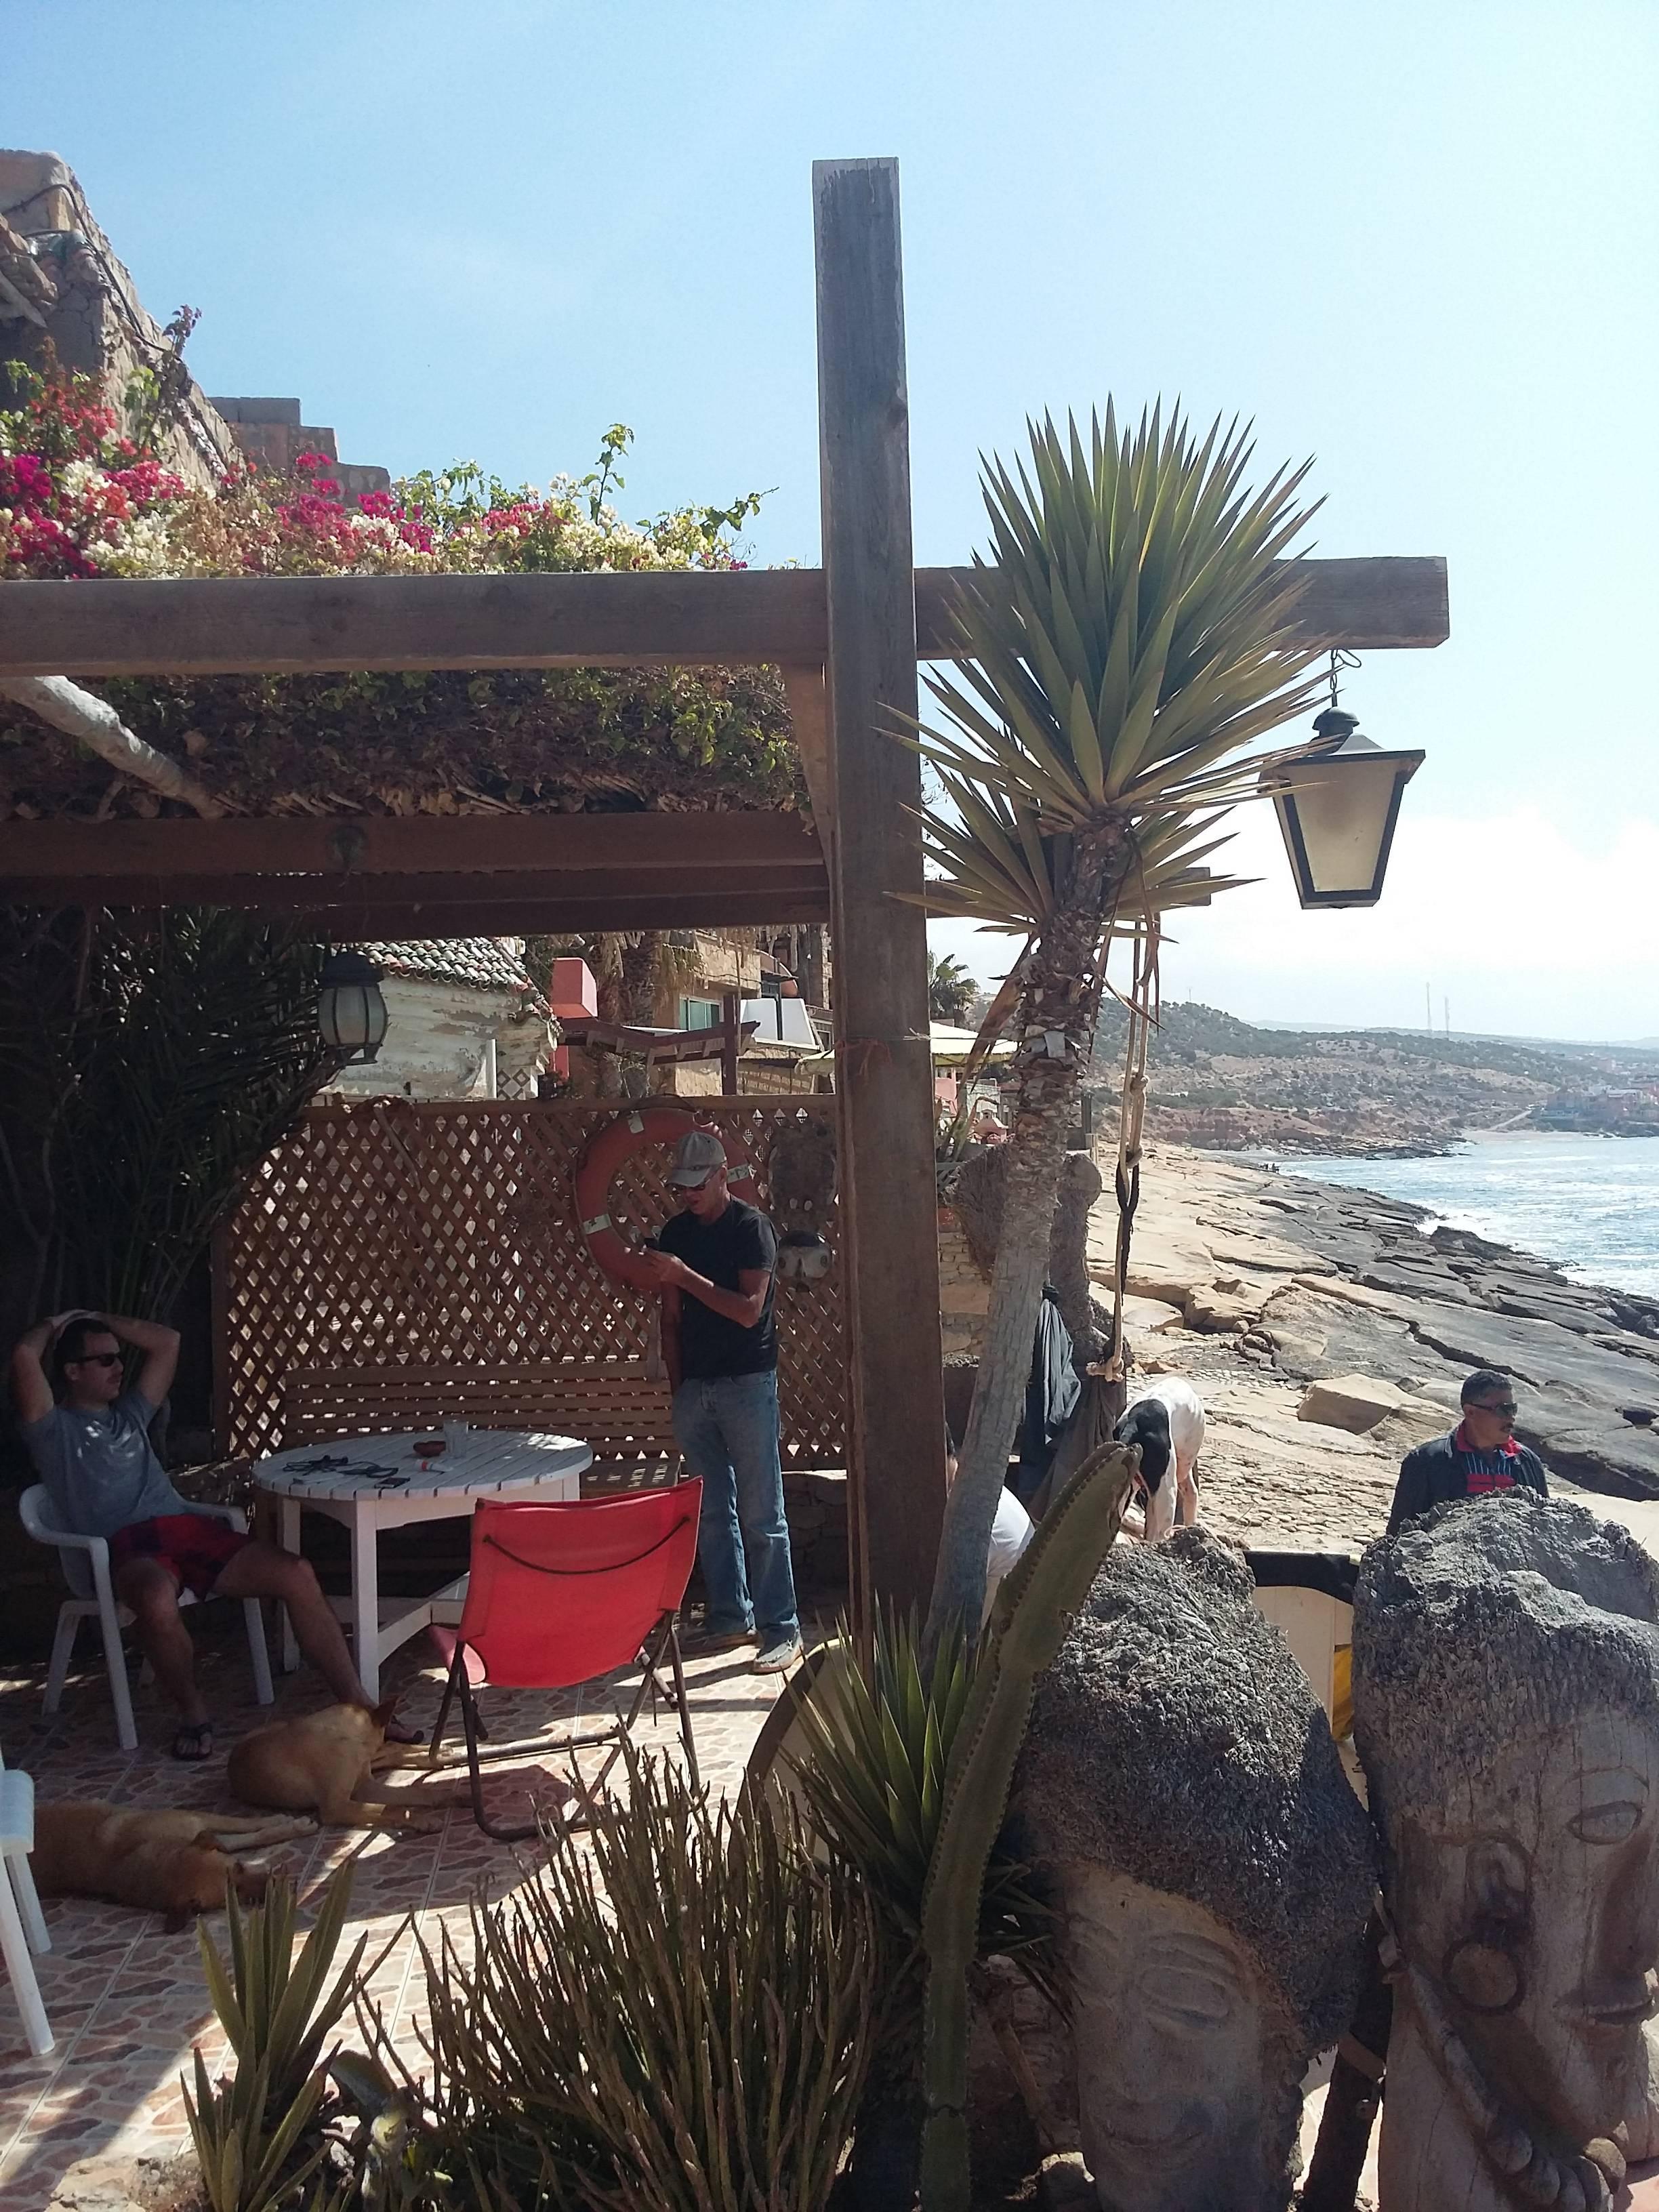 Photo 2: Chez mounia à anchor point. Surf paradise